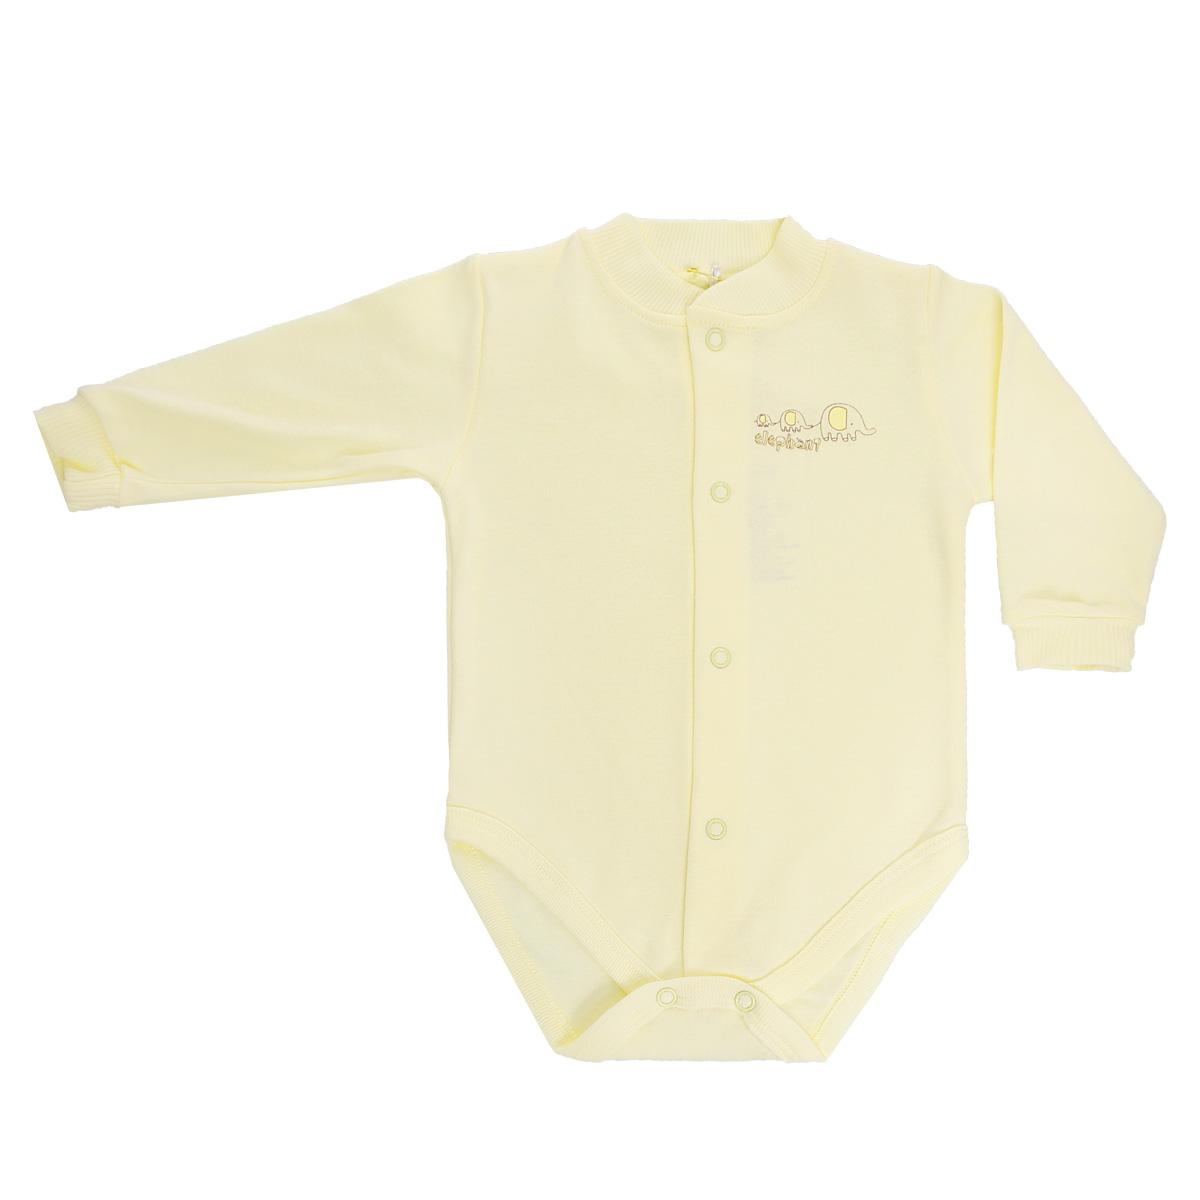 Боди детское Клякса, цвет: светло-желтый. 37-367. Размер 68, 6 месяцев37-367Детское боди Клякса с длинными рукавами послужит идеальным дополнением к гардеробу вашего ребенка, обеспечивая ему наибольший комфорт. Изготовленное из интерлок-пенье - натурального хлопка, оно необычайно мягкое и легкое, не раздражает нежную кожу ребенка и хорошо вентилируется, а эластичные швы приятны телу малыша и не препятствуют его движениям. Боди с небольшим воротником-стойкой дополнено удобными застежками-кнопками по всей длине и на ластовице, которые помогают легко переодеть младенца или сменить подгузник. Рукава дополнены широкой эластичной резинкой, не стягивающей запястья малыша. Спереди боди декорировано оригинальным принтом с изображением забавного животного.Боди полностью соответствует особенностям жизни ребенка в ранний период, не стесняя и не ограничивая его в движениях!